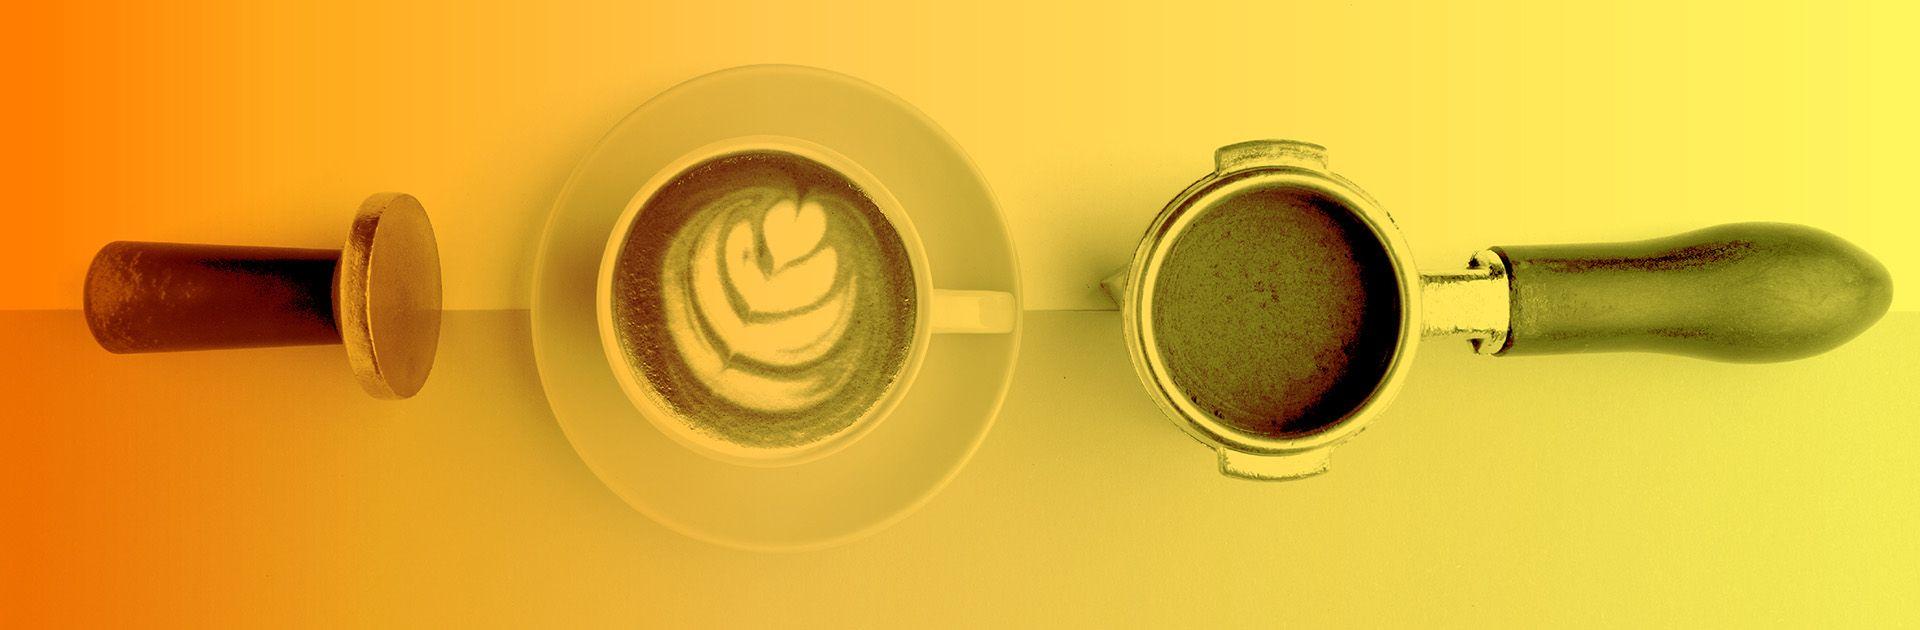 Café Lugomer